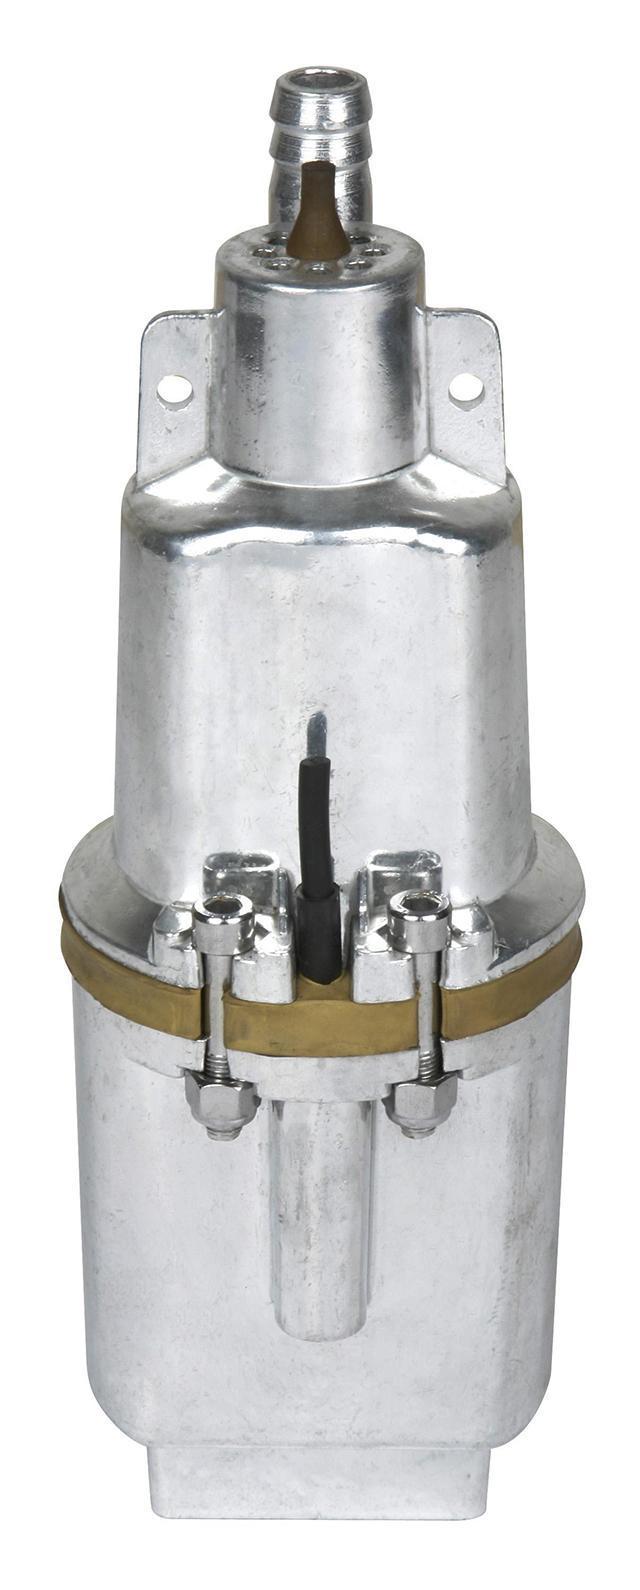 Насос погружной для чистой воды FIT WP-280A, 18 л/мин80674Насос погружной для чистой воды FIT WP-280A используется для подкачки воды из скважин диаметром не более 105 мм. Производительность подъема воды составляет 18 литров в минуту. Насос оснащен электродвигателем мощностью 280 Вт. Компактные габариты и малый вес делают его удобным в эксплуатации.